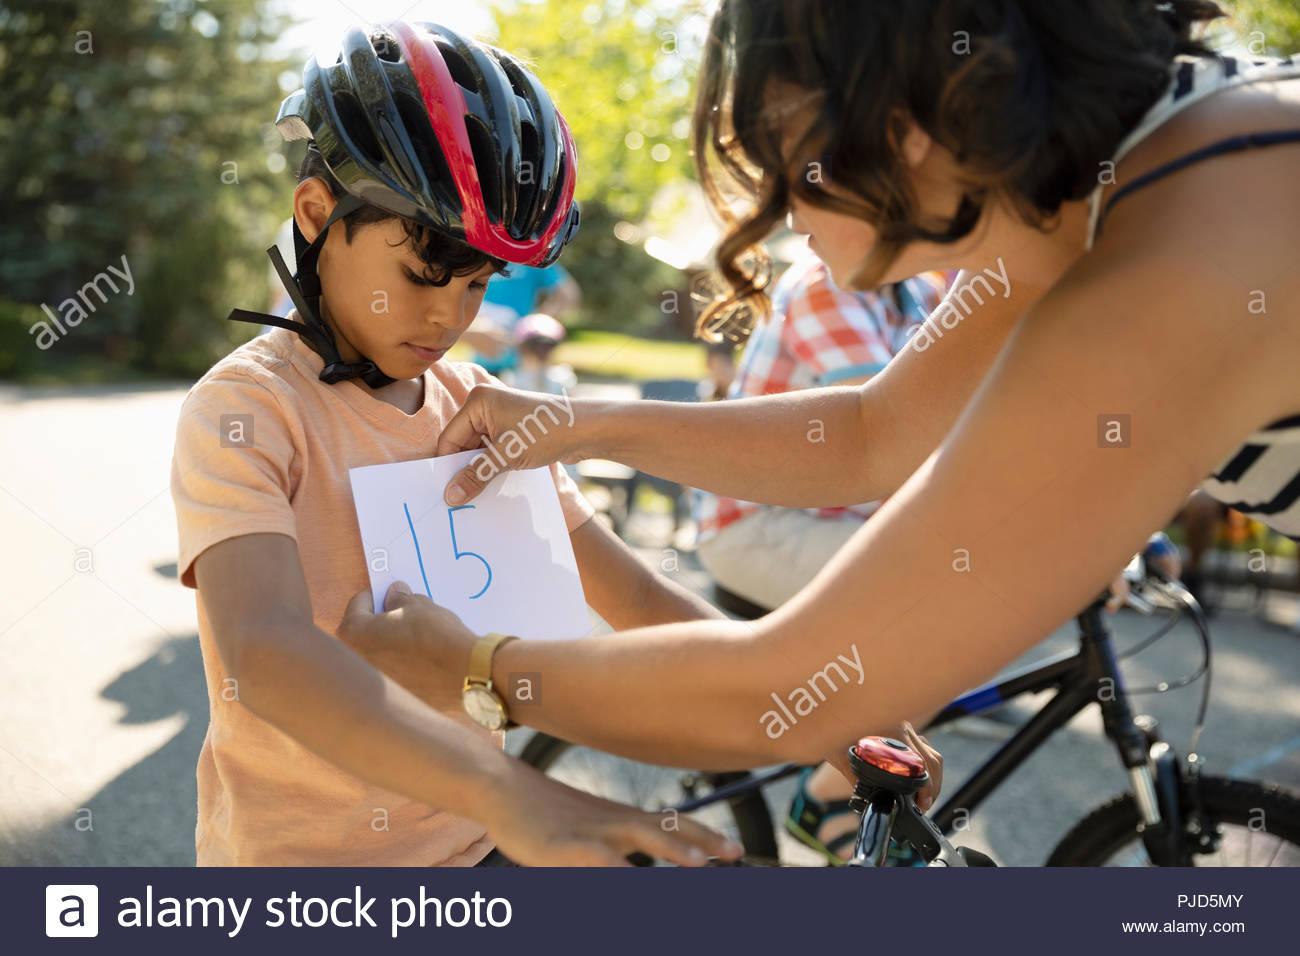 Madre maratona di pinning bib sul figlio la preparazione per la gara di moto Immagini Stock